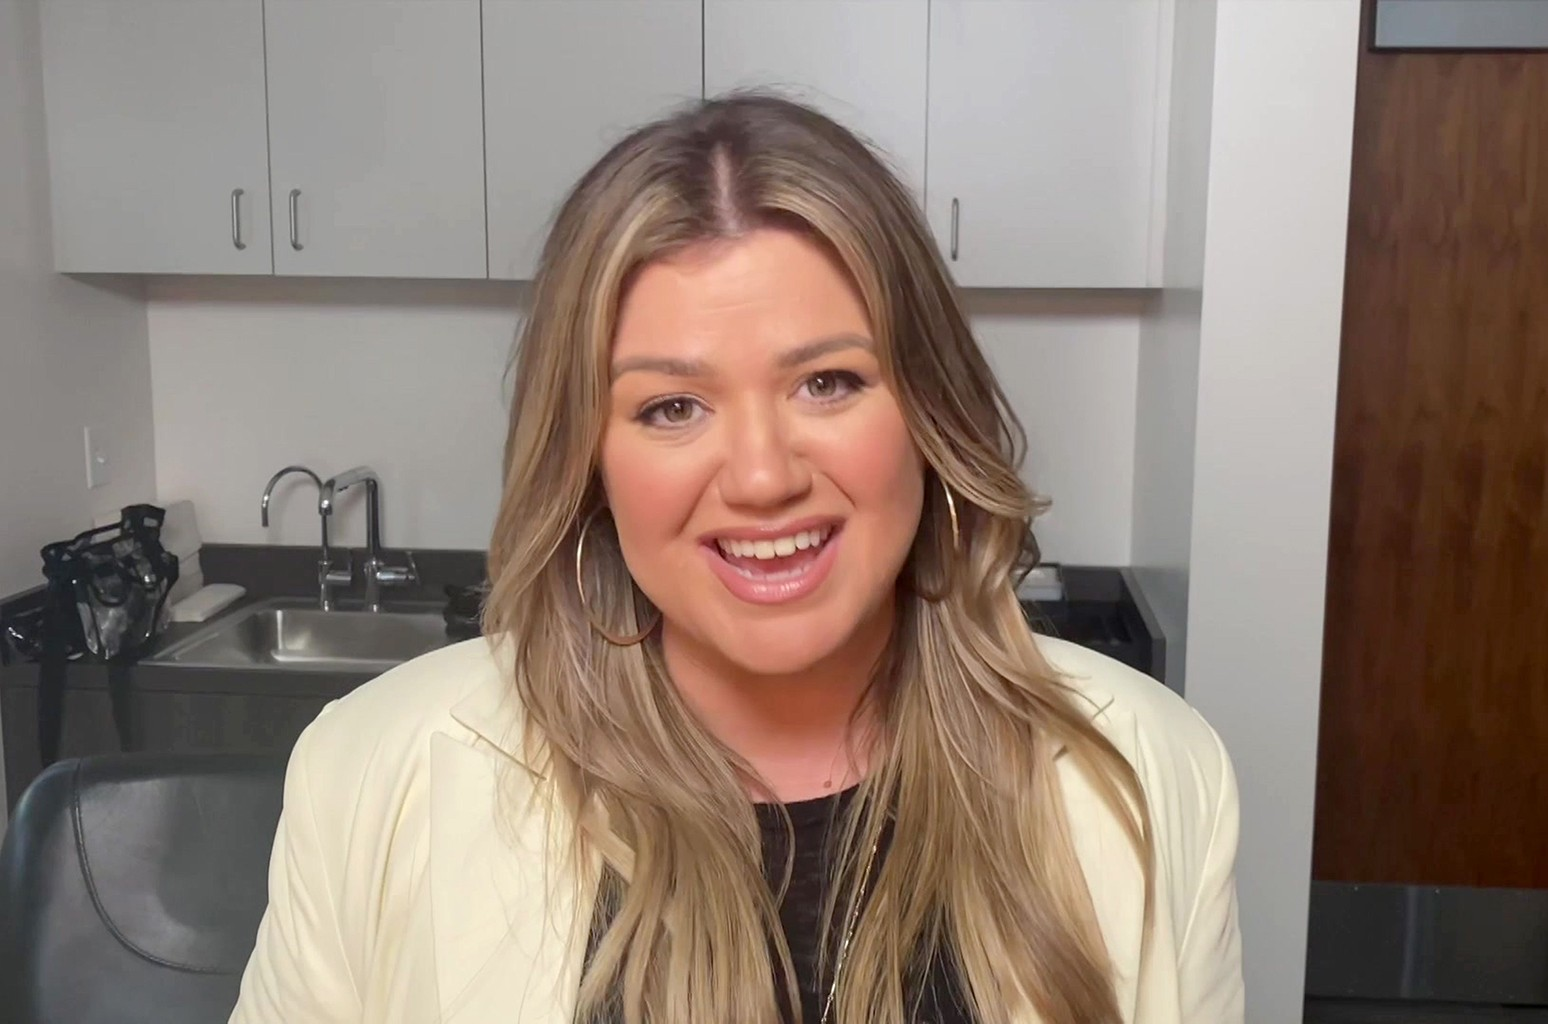 Kelly Clarkson June 2021 - Singer Kelly Clarkson Wins 2 ...